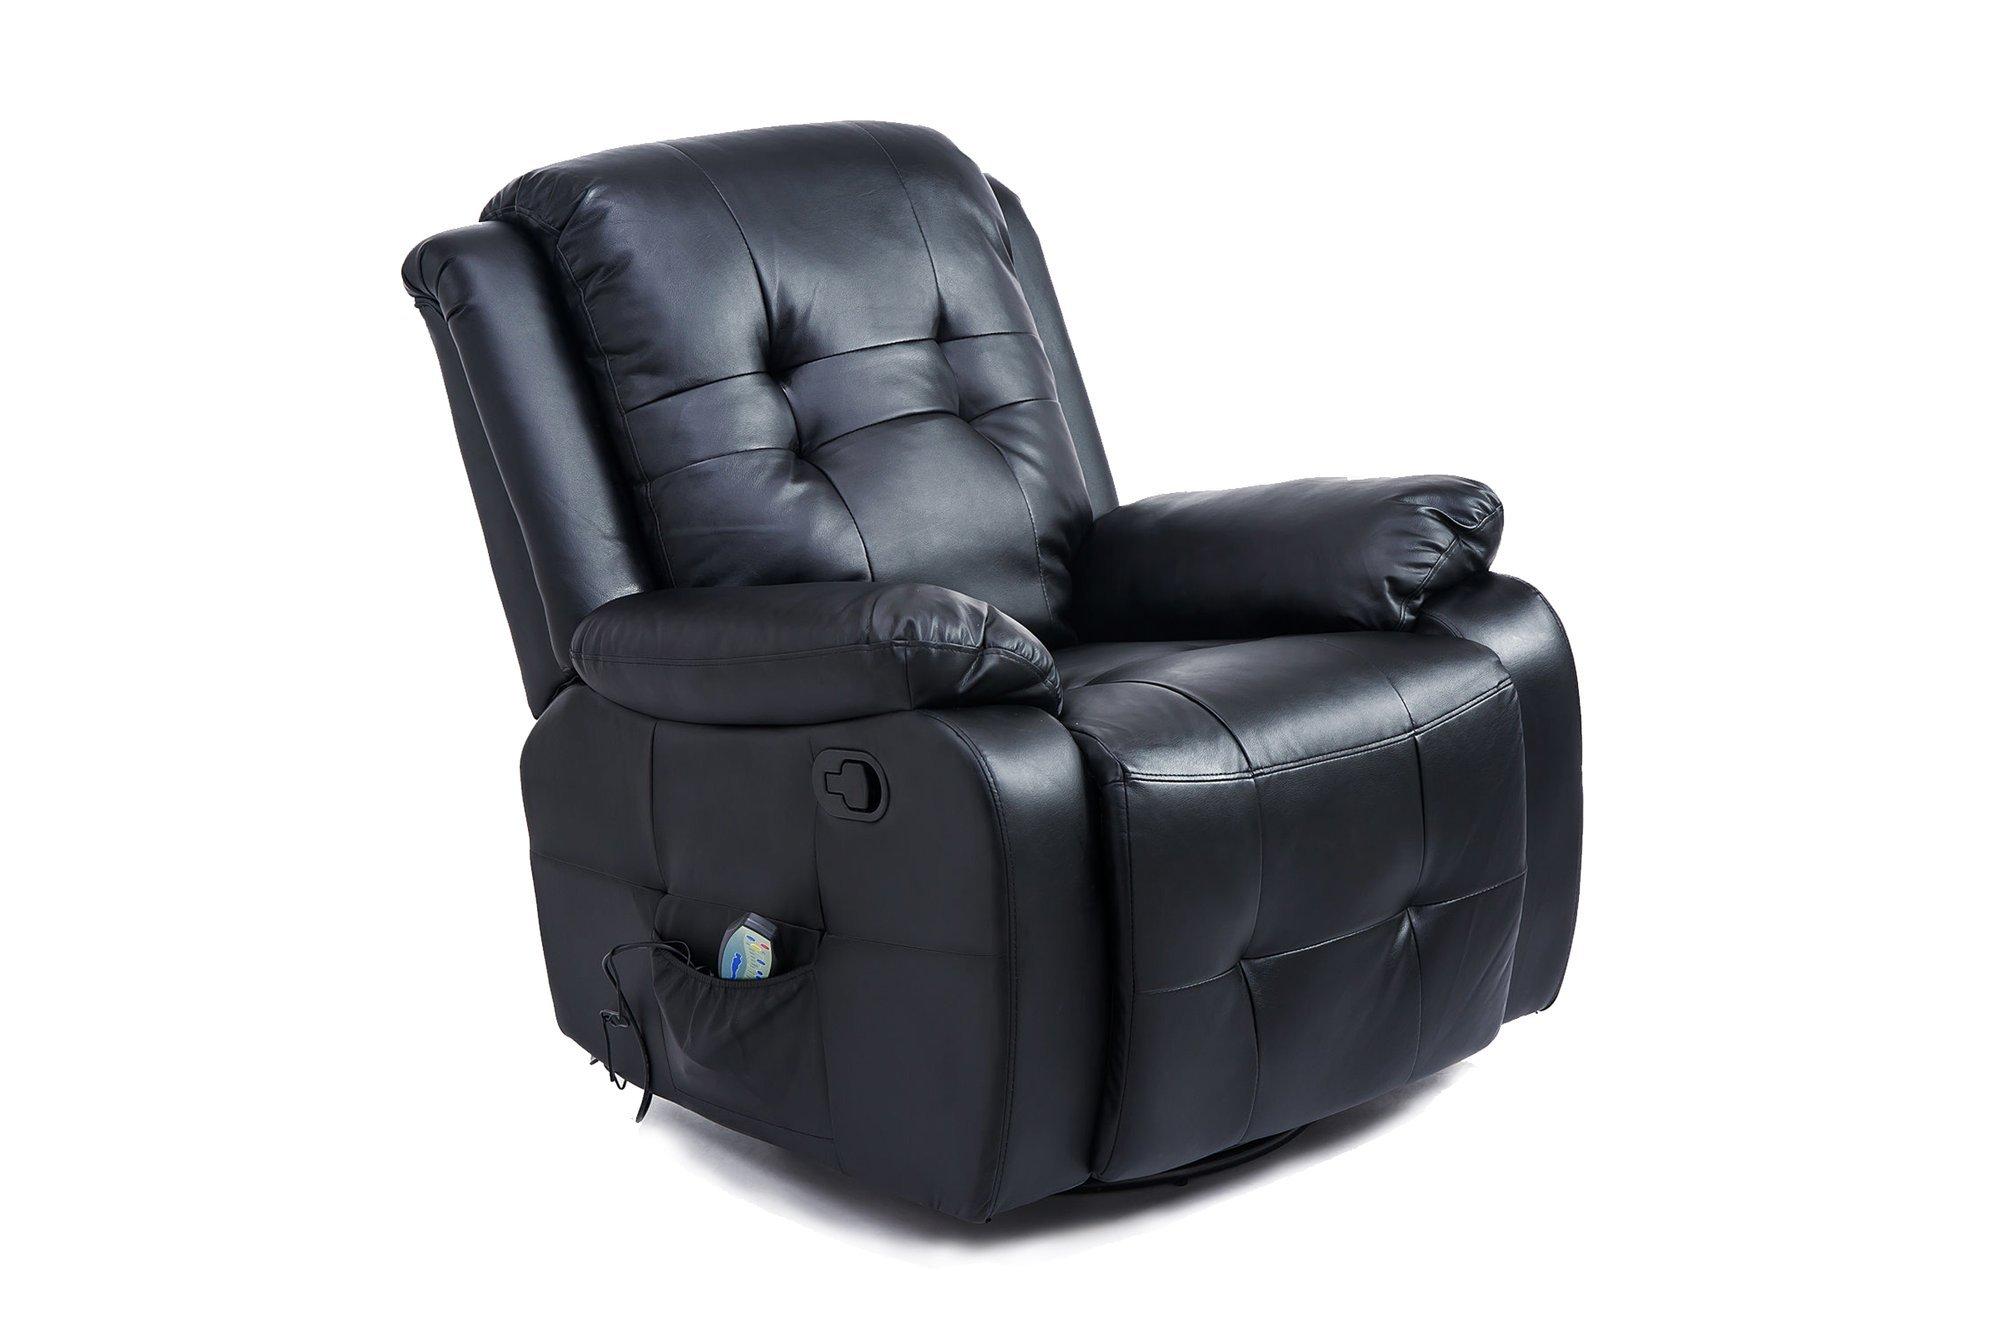 Fotel do masażu z funkcją podgrzewania Homcom 700-053BK Czarny